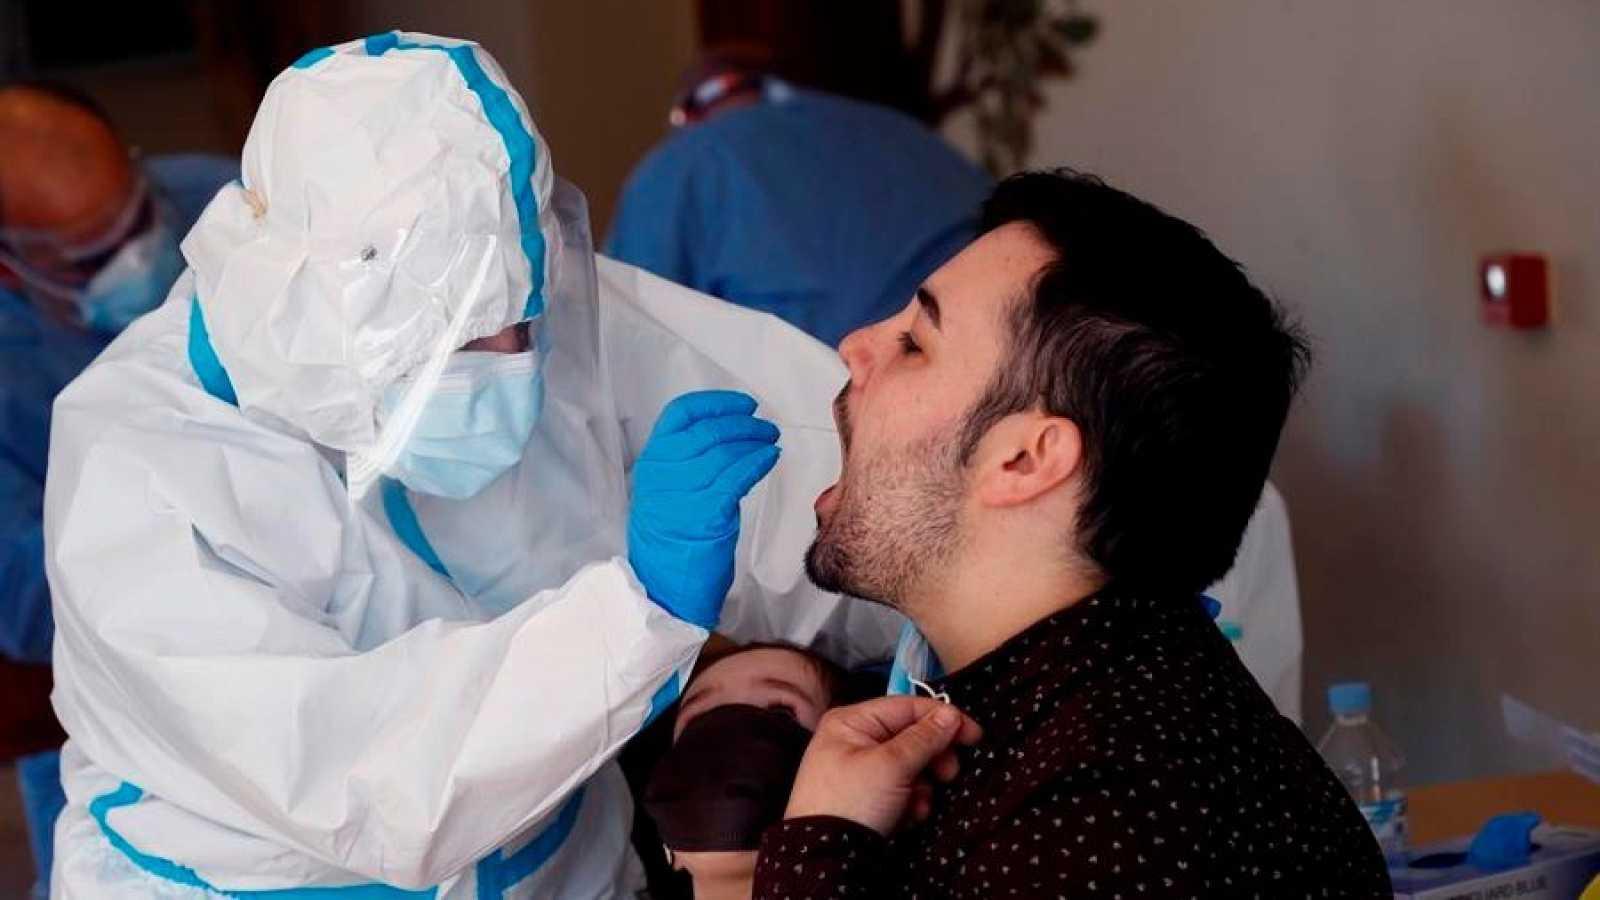 Un sanitario realiza una prueba PCR a un joven